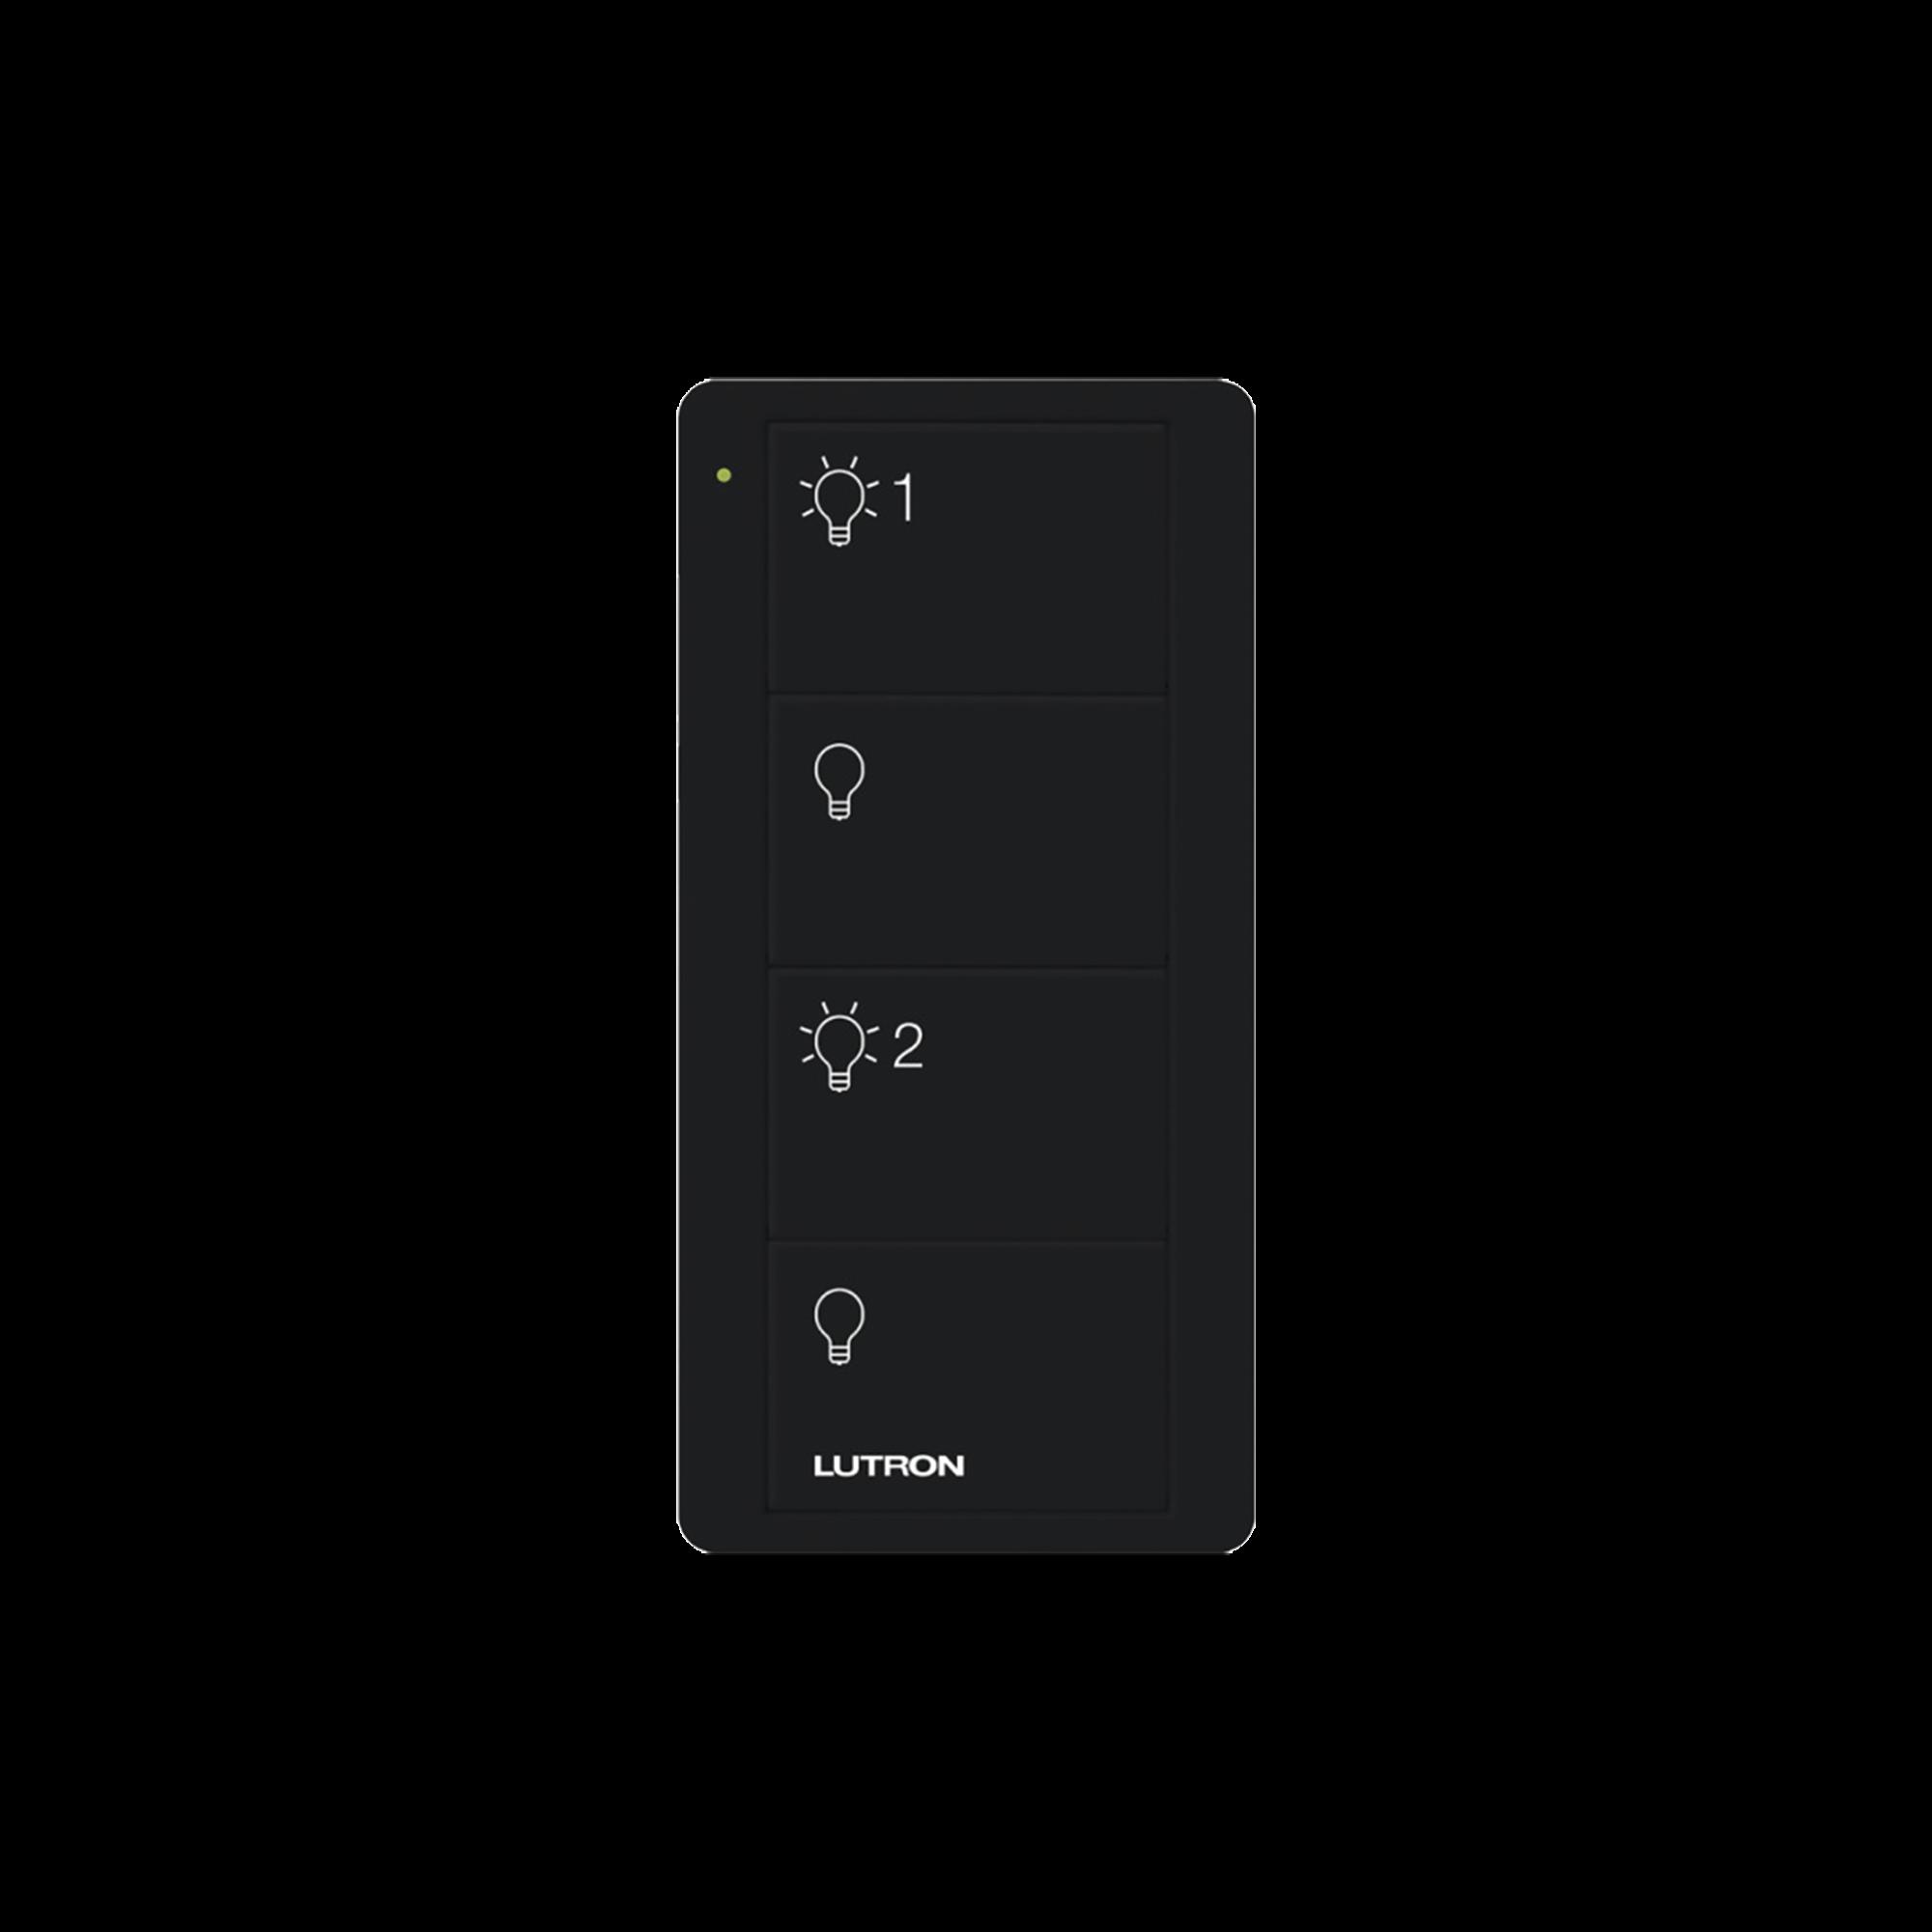 Control remoto PICO inalámbrico con 4 botones  encender/apagar grupo/escenas,  complemente con un atenuador o switch on/off